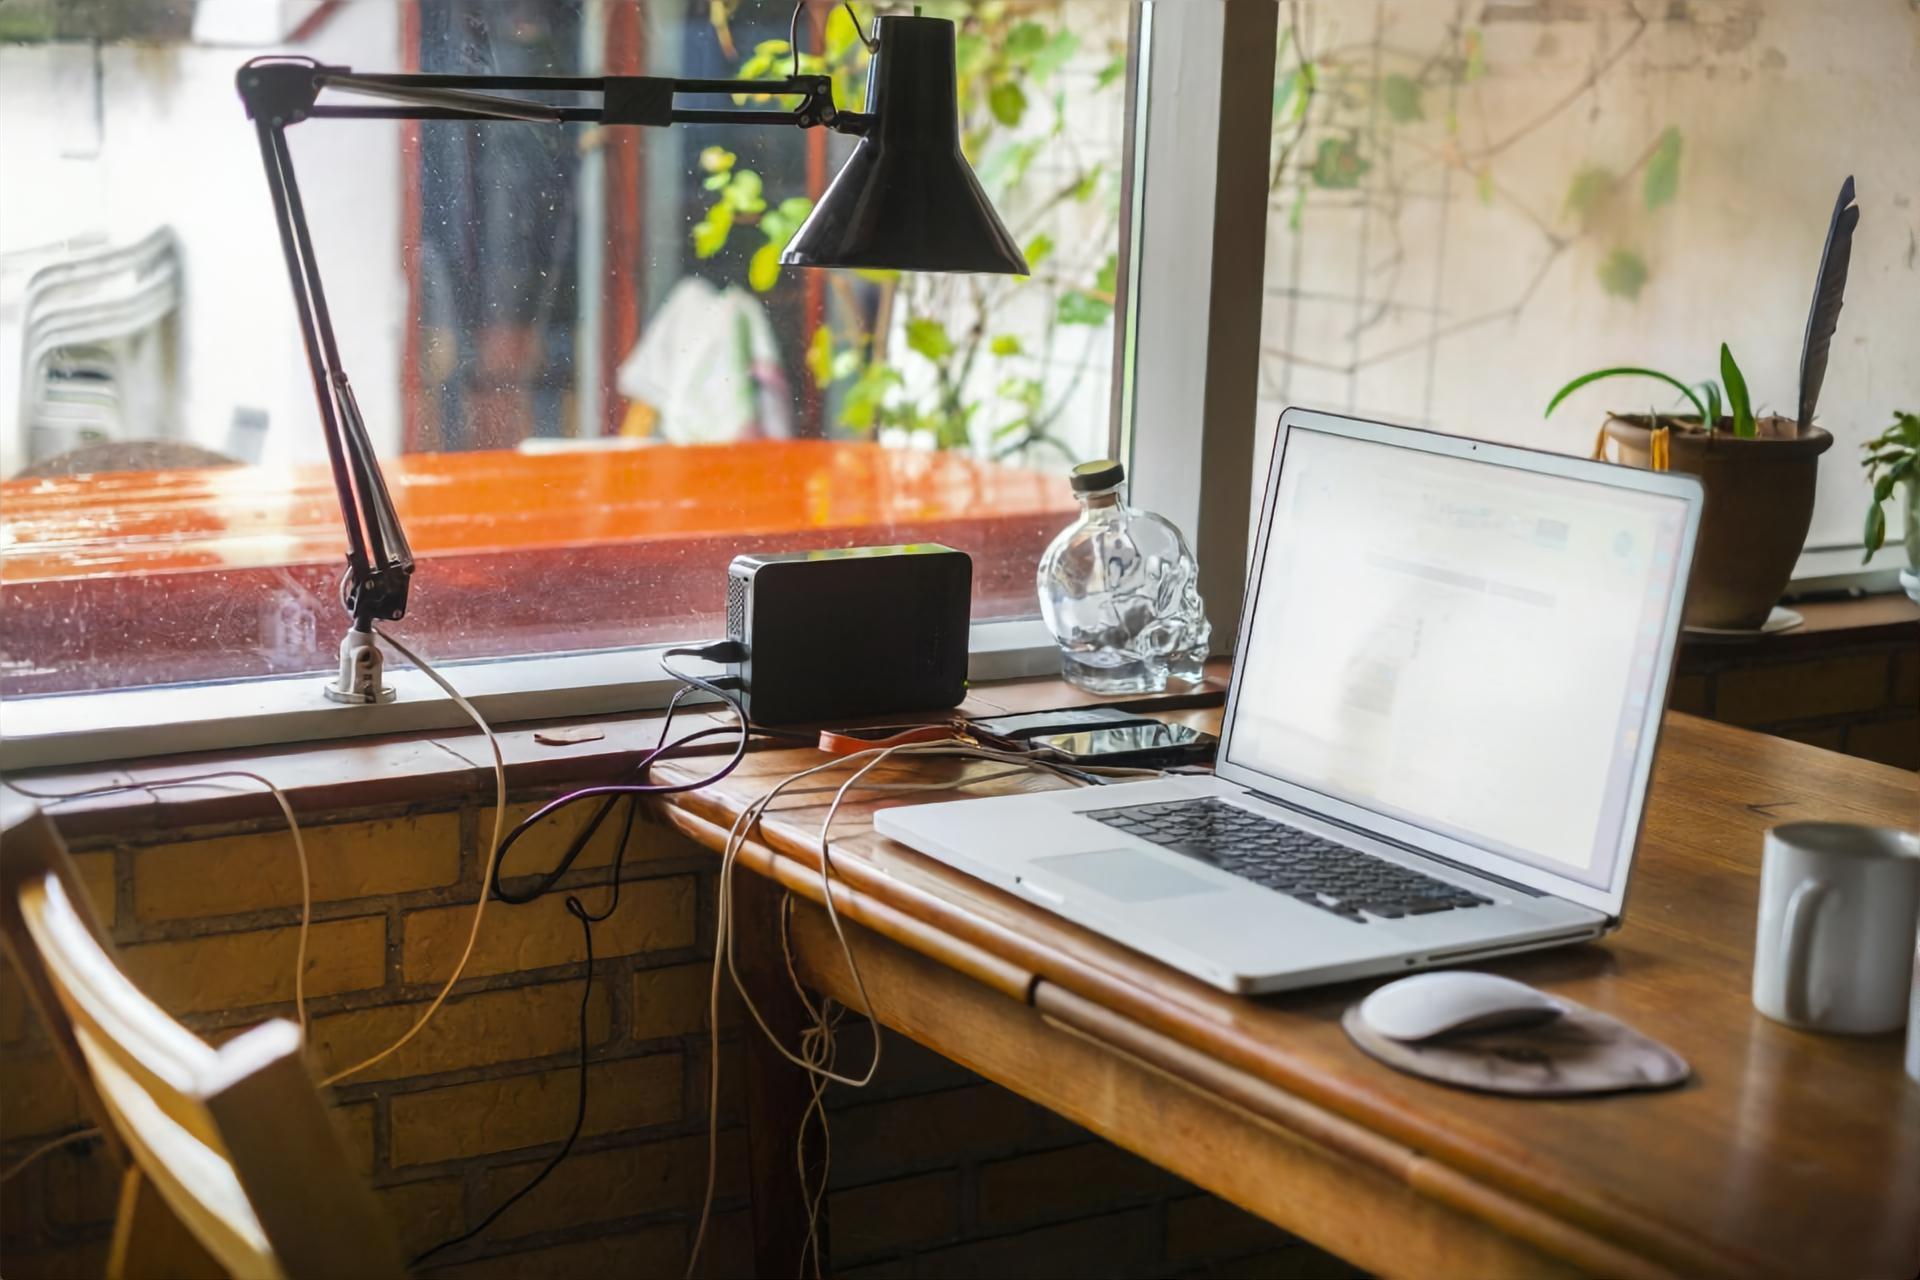 初心者向けにブログで使うペルソナの作り方3つの方法を解説